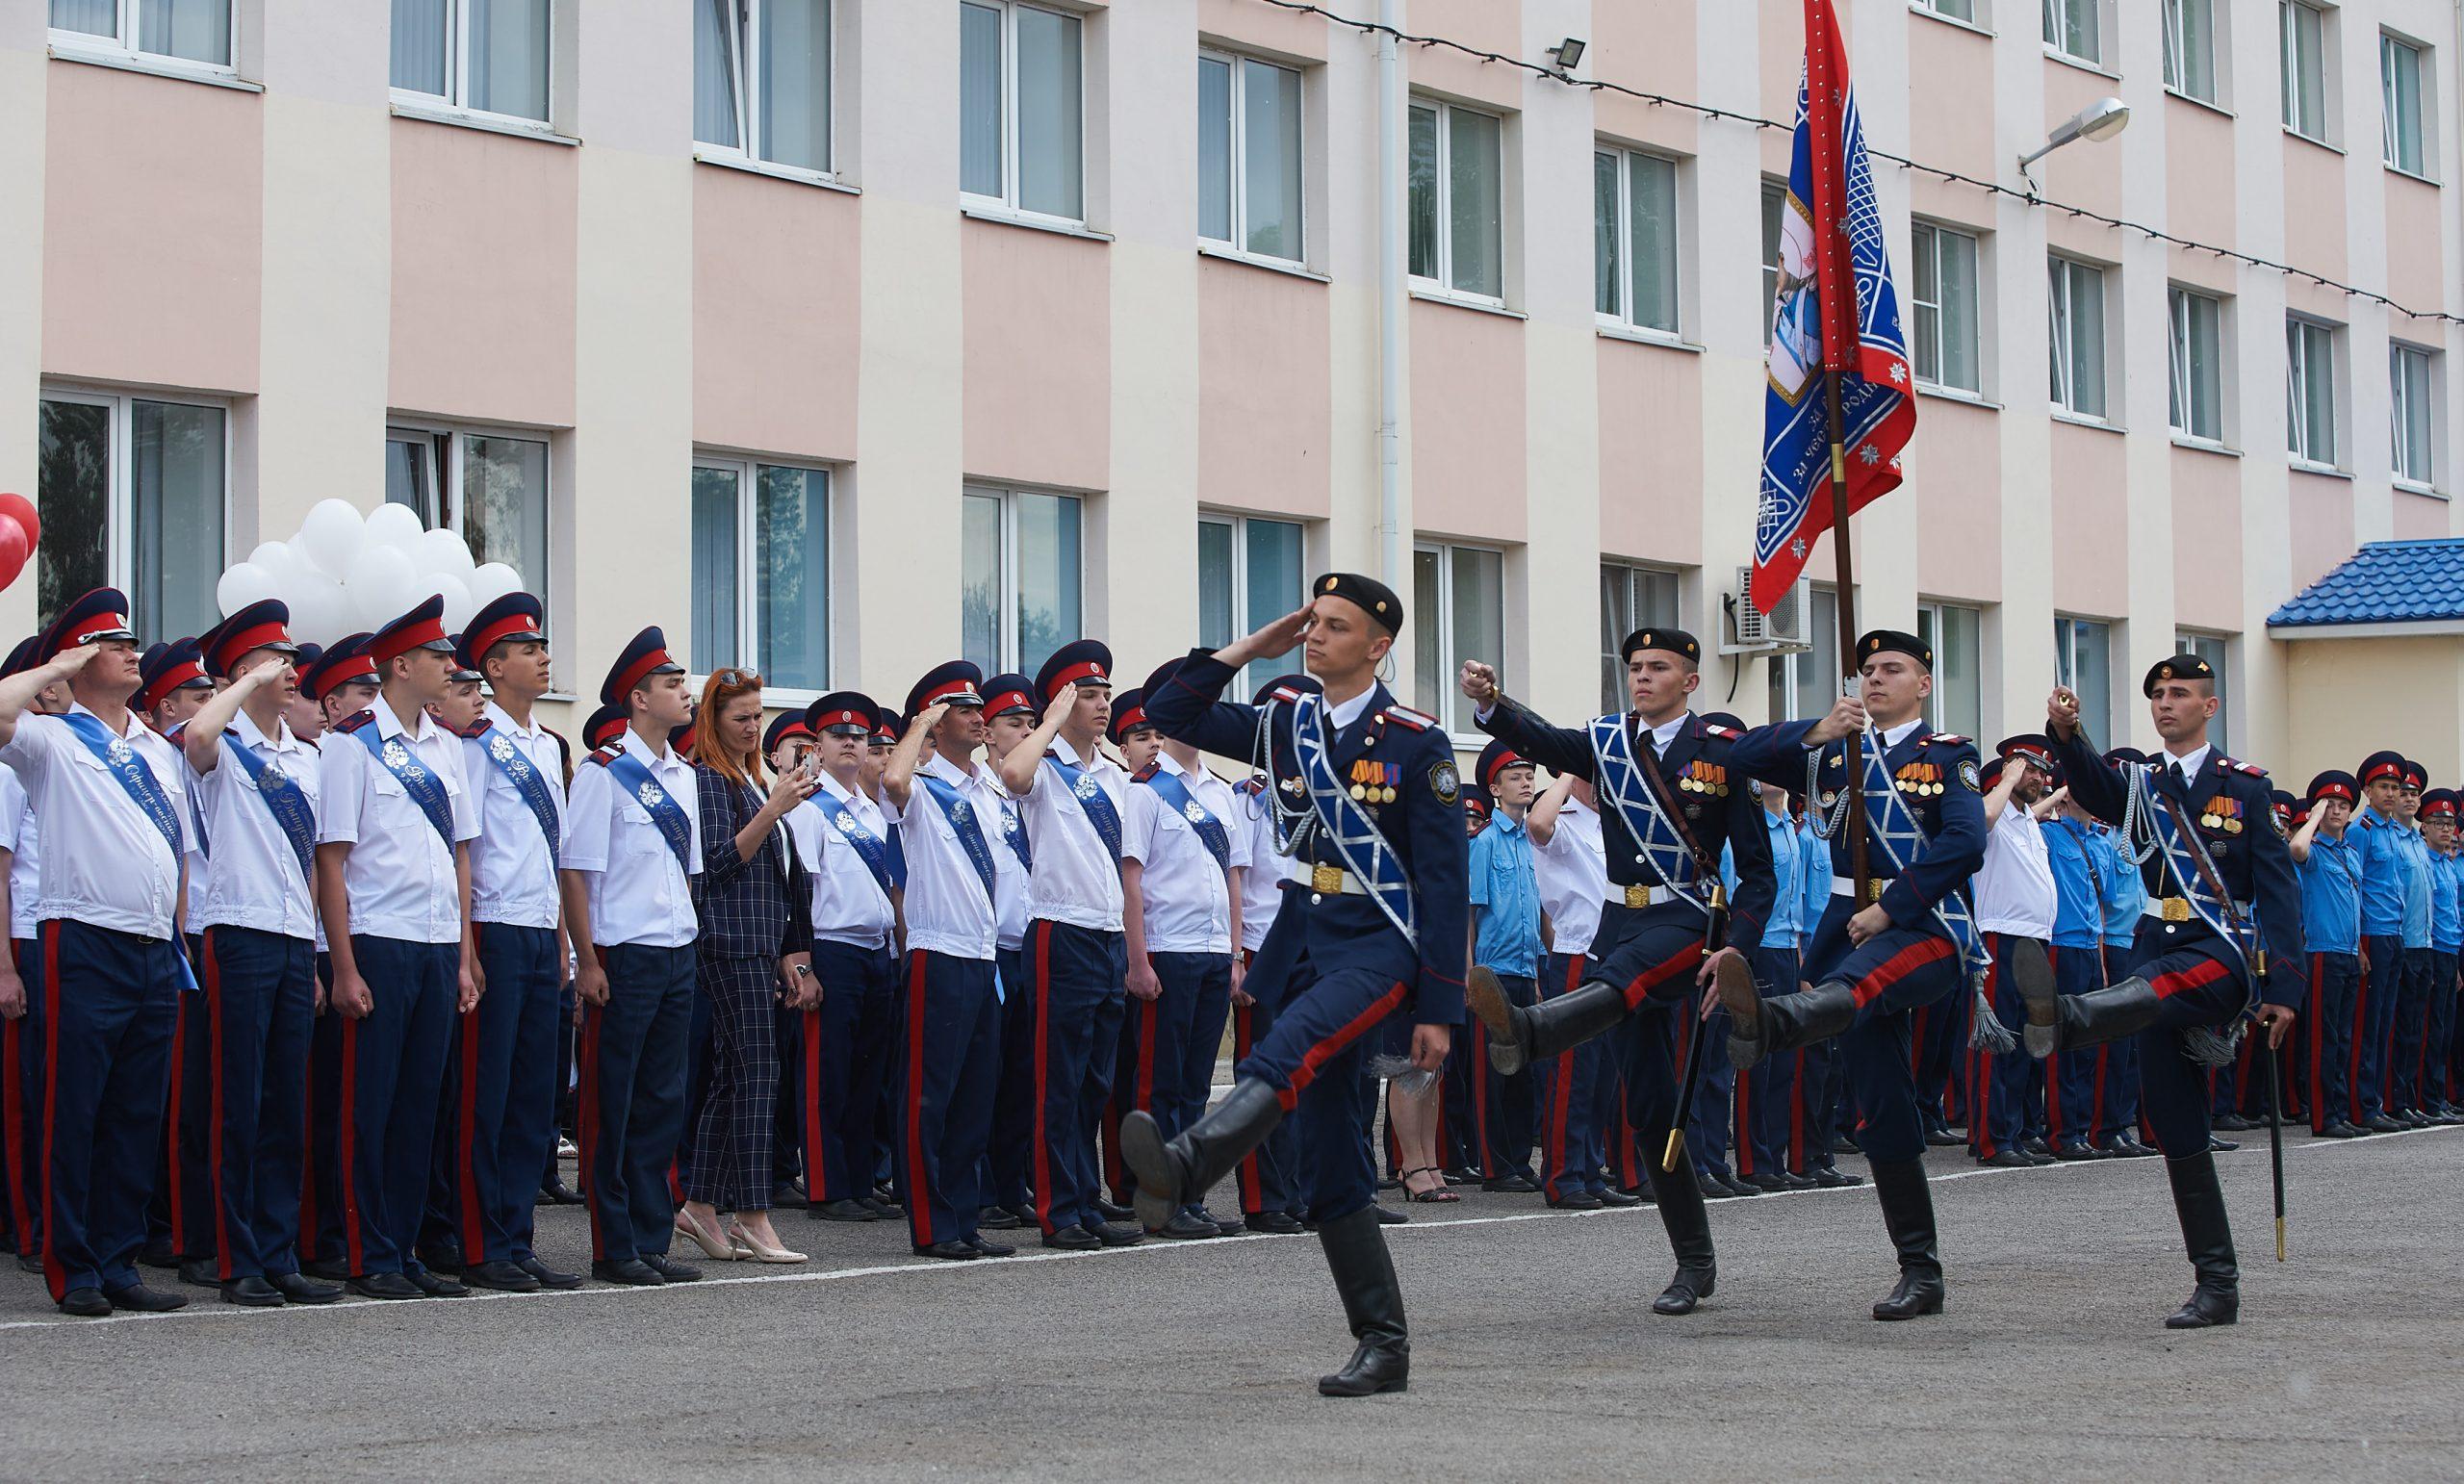 Последний звонок прозвучал для воспитанников Шахтинского казачьего кадетского корпуса генерала Бакланова